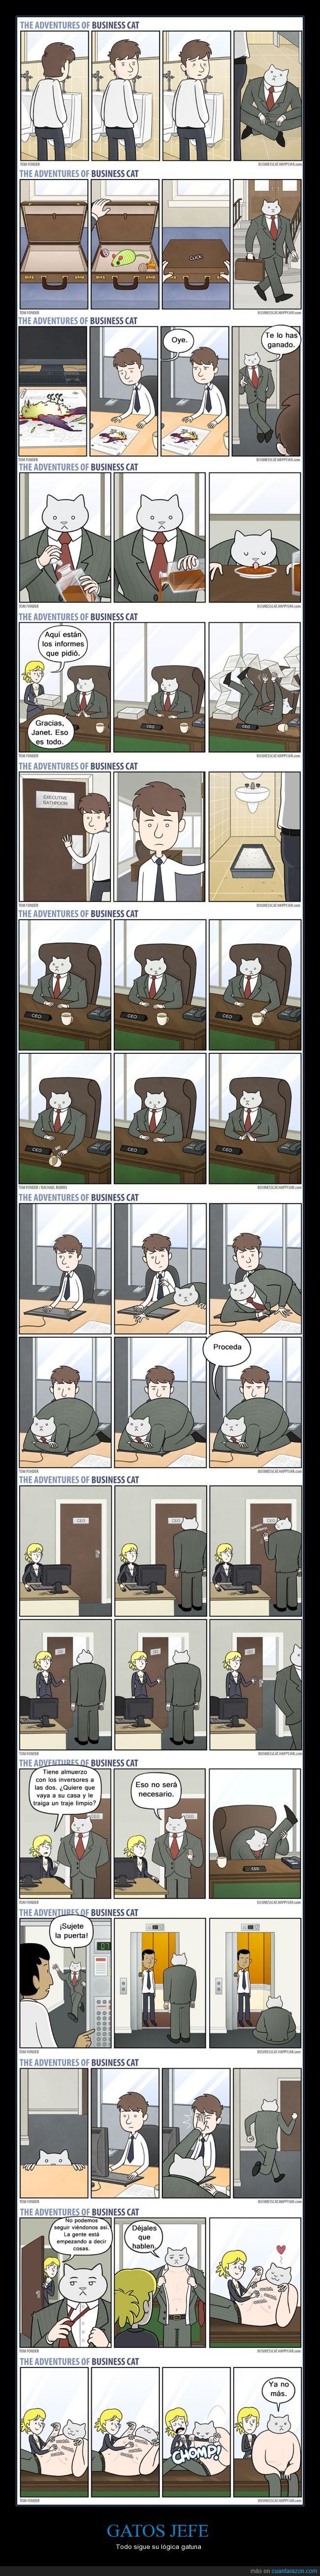 animal,divertido,empresario,extraño,gato,jefe